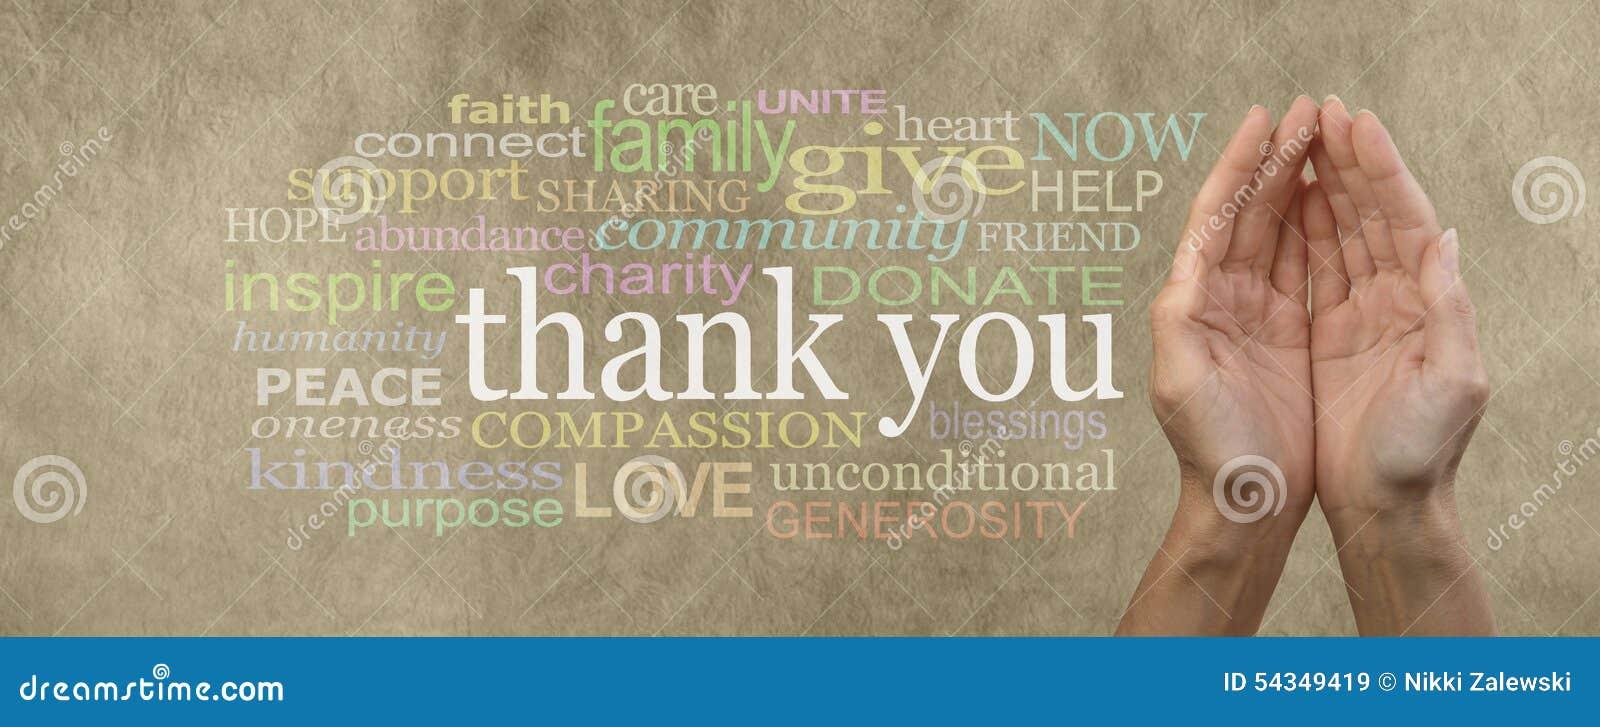 Το ρητό επιγραφών ιστοχώρου εκστρατείας αύξησης Ταμείων σας ευχαριστεί